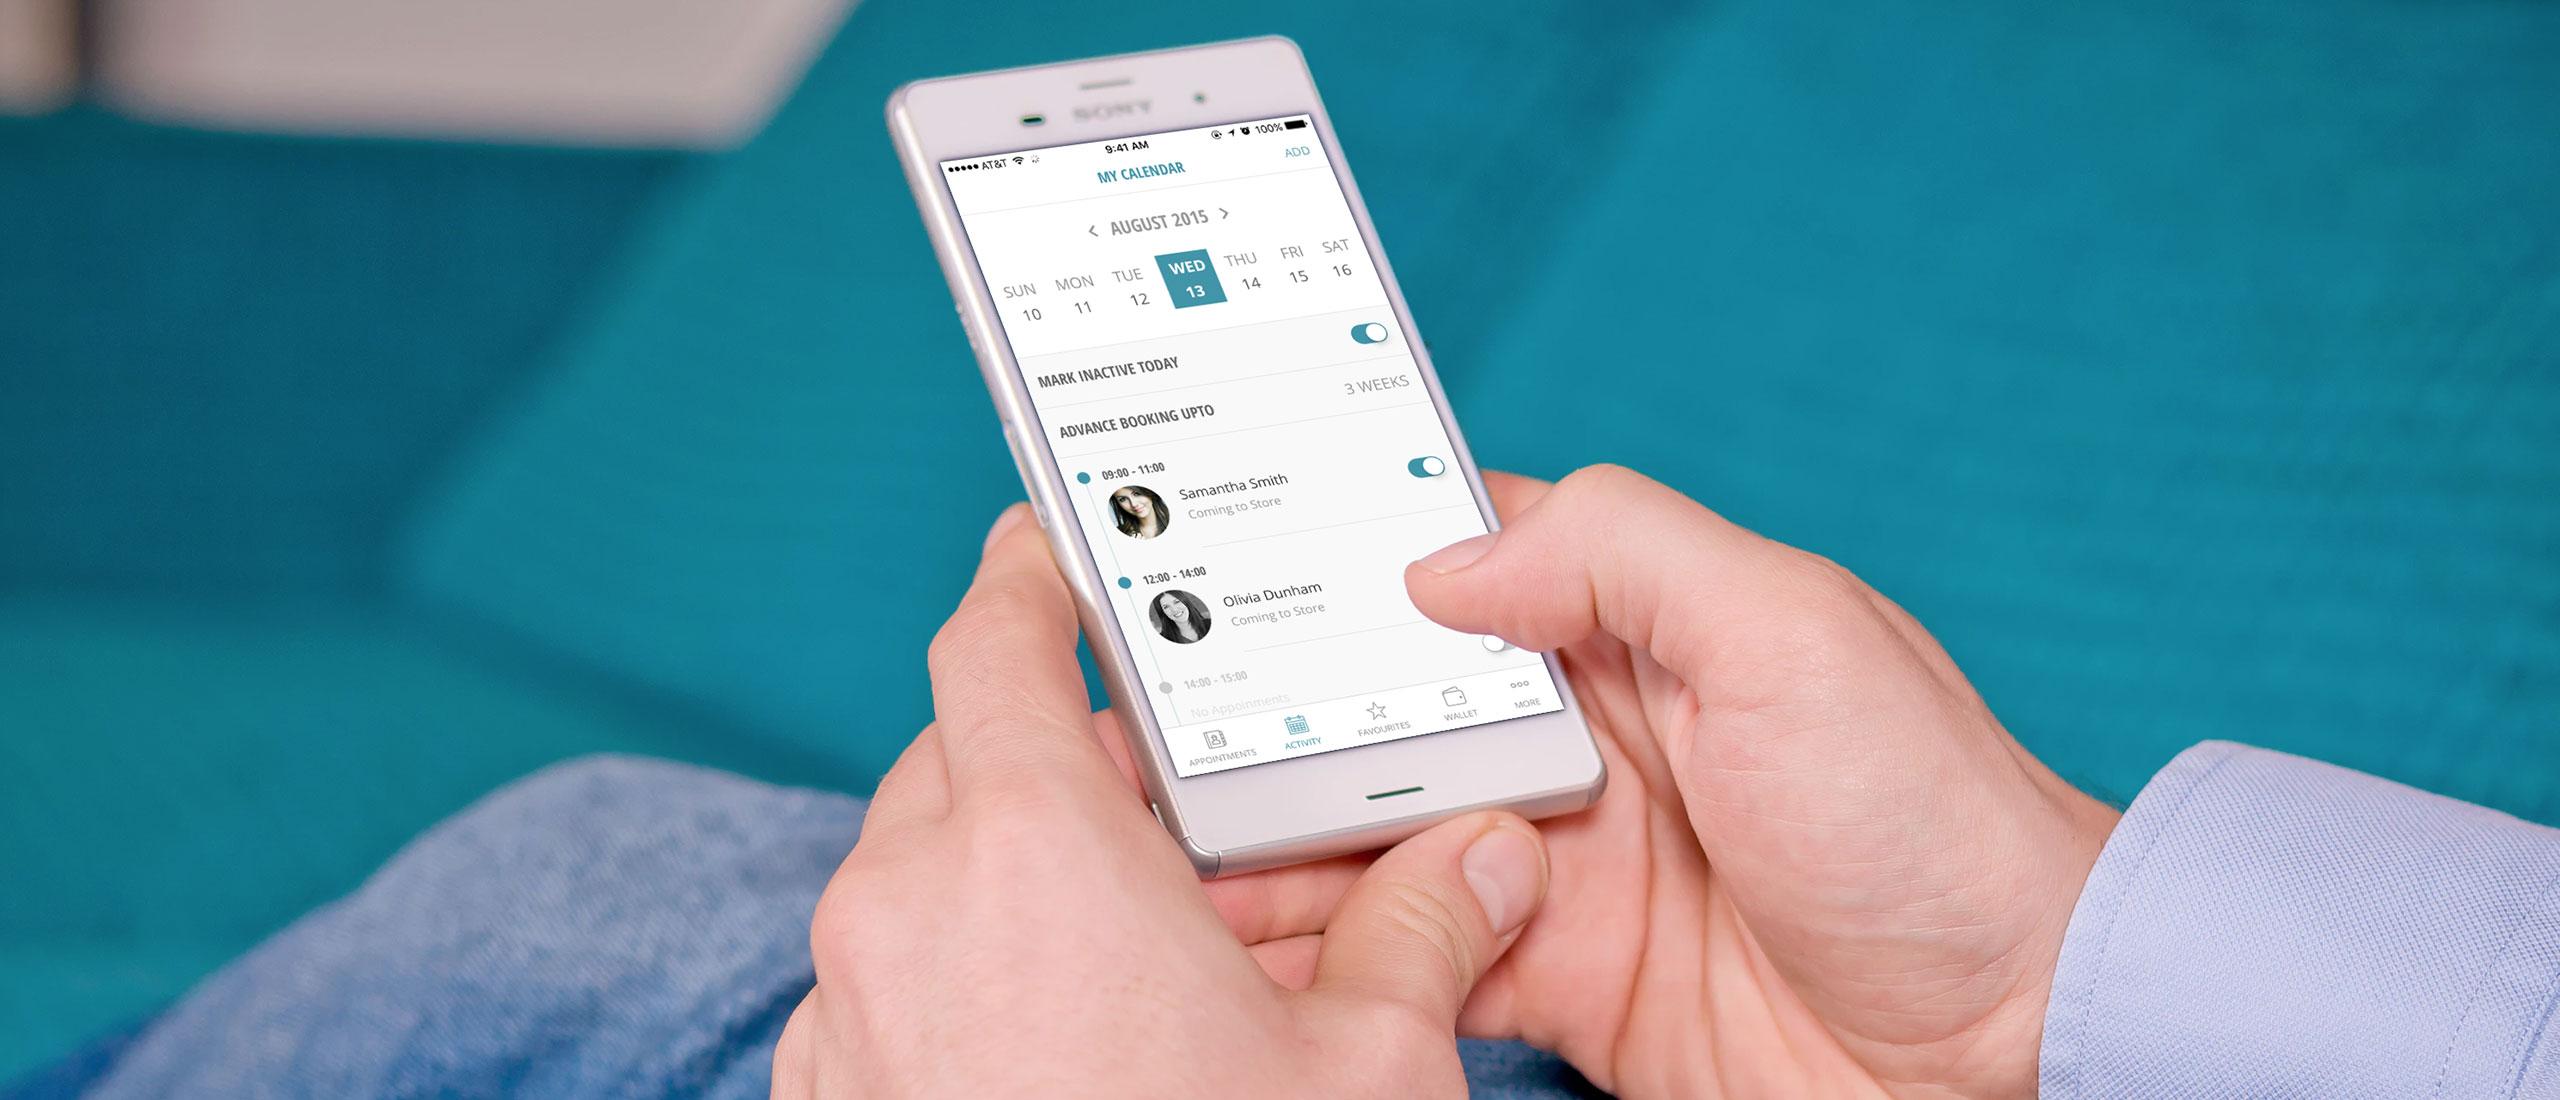 Meion App